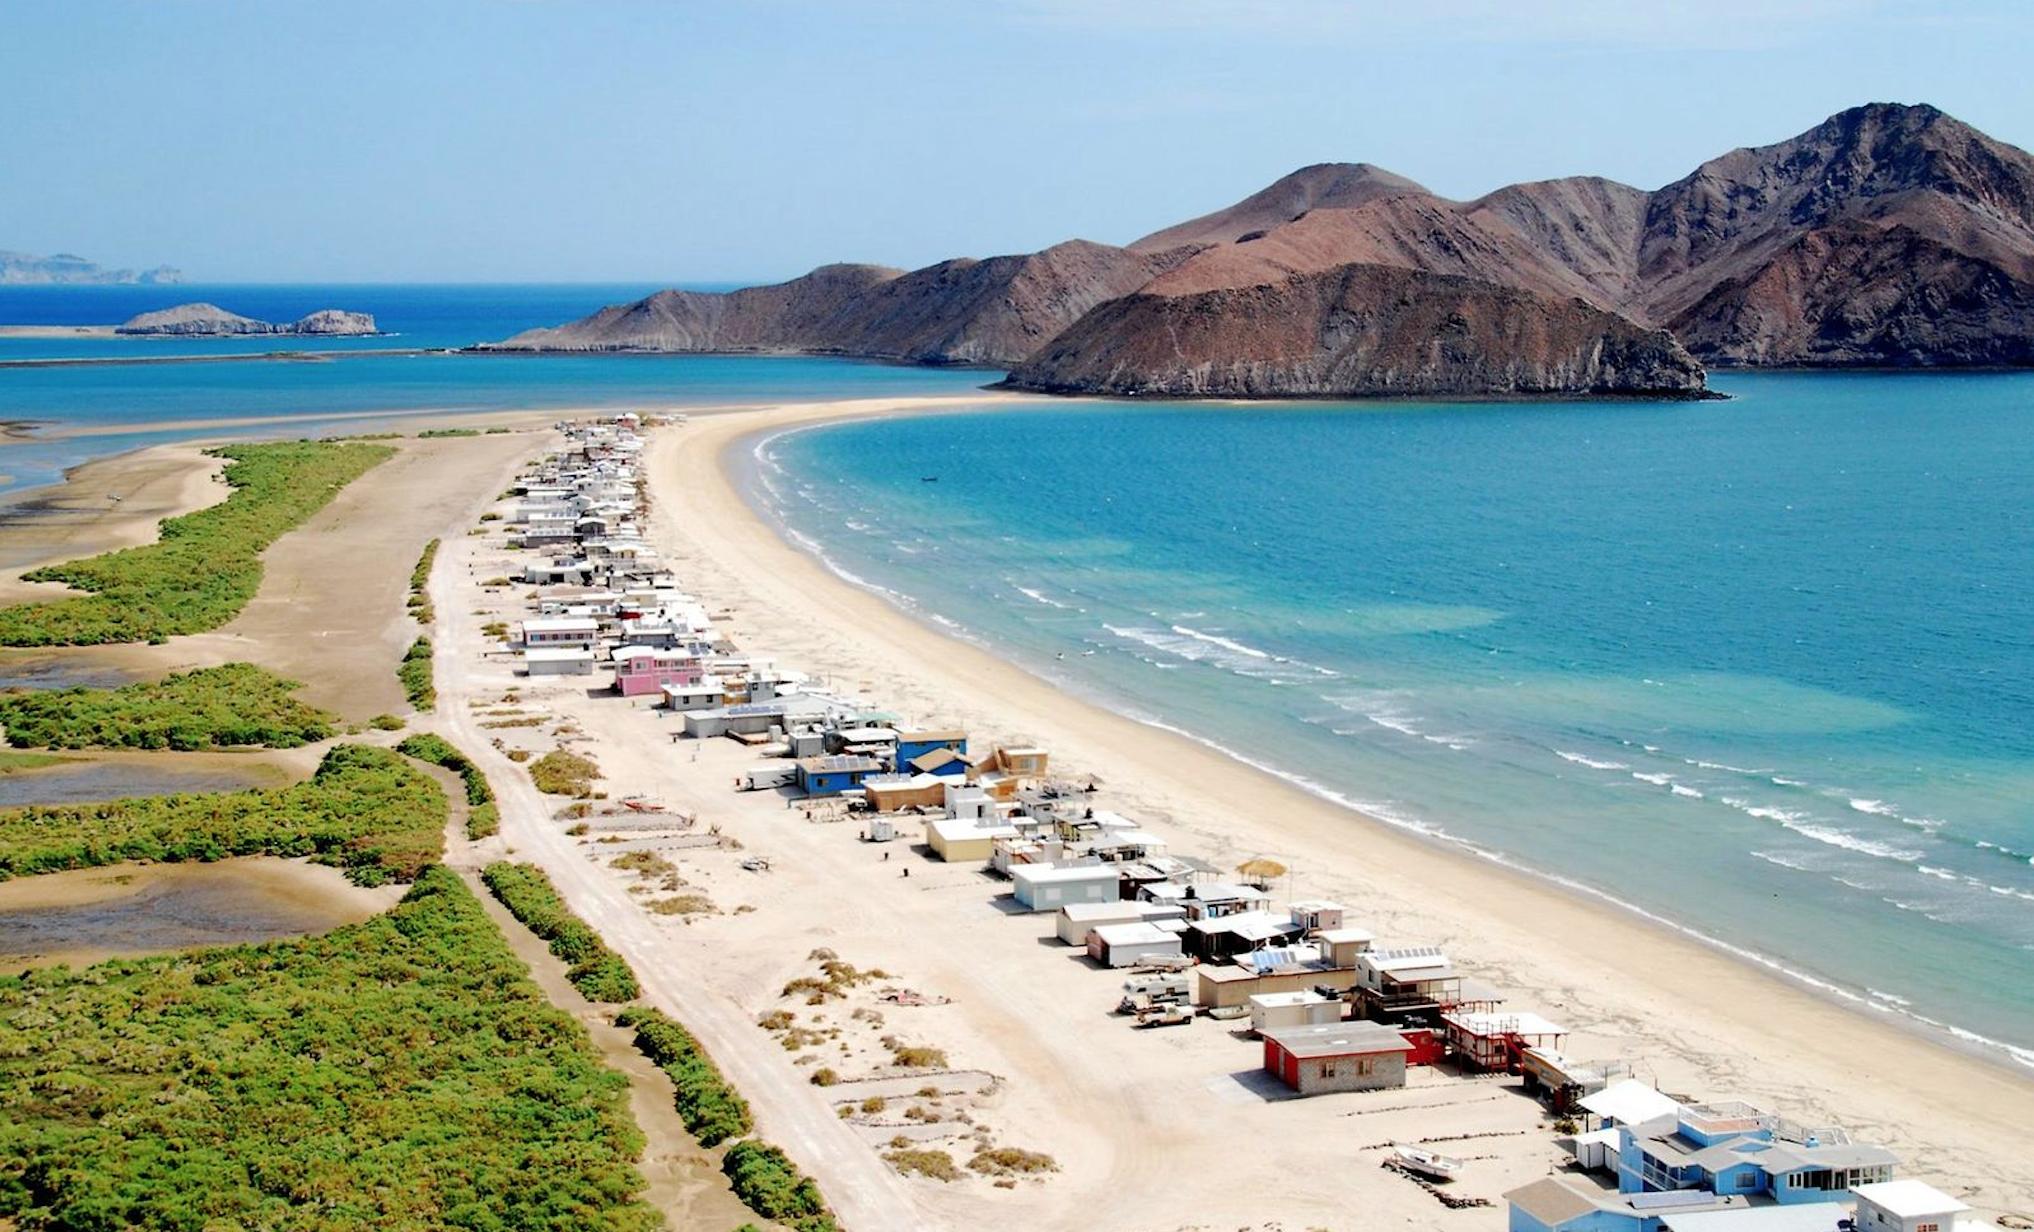 Bahía de San Luis Gonzaga